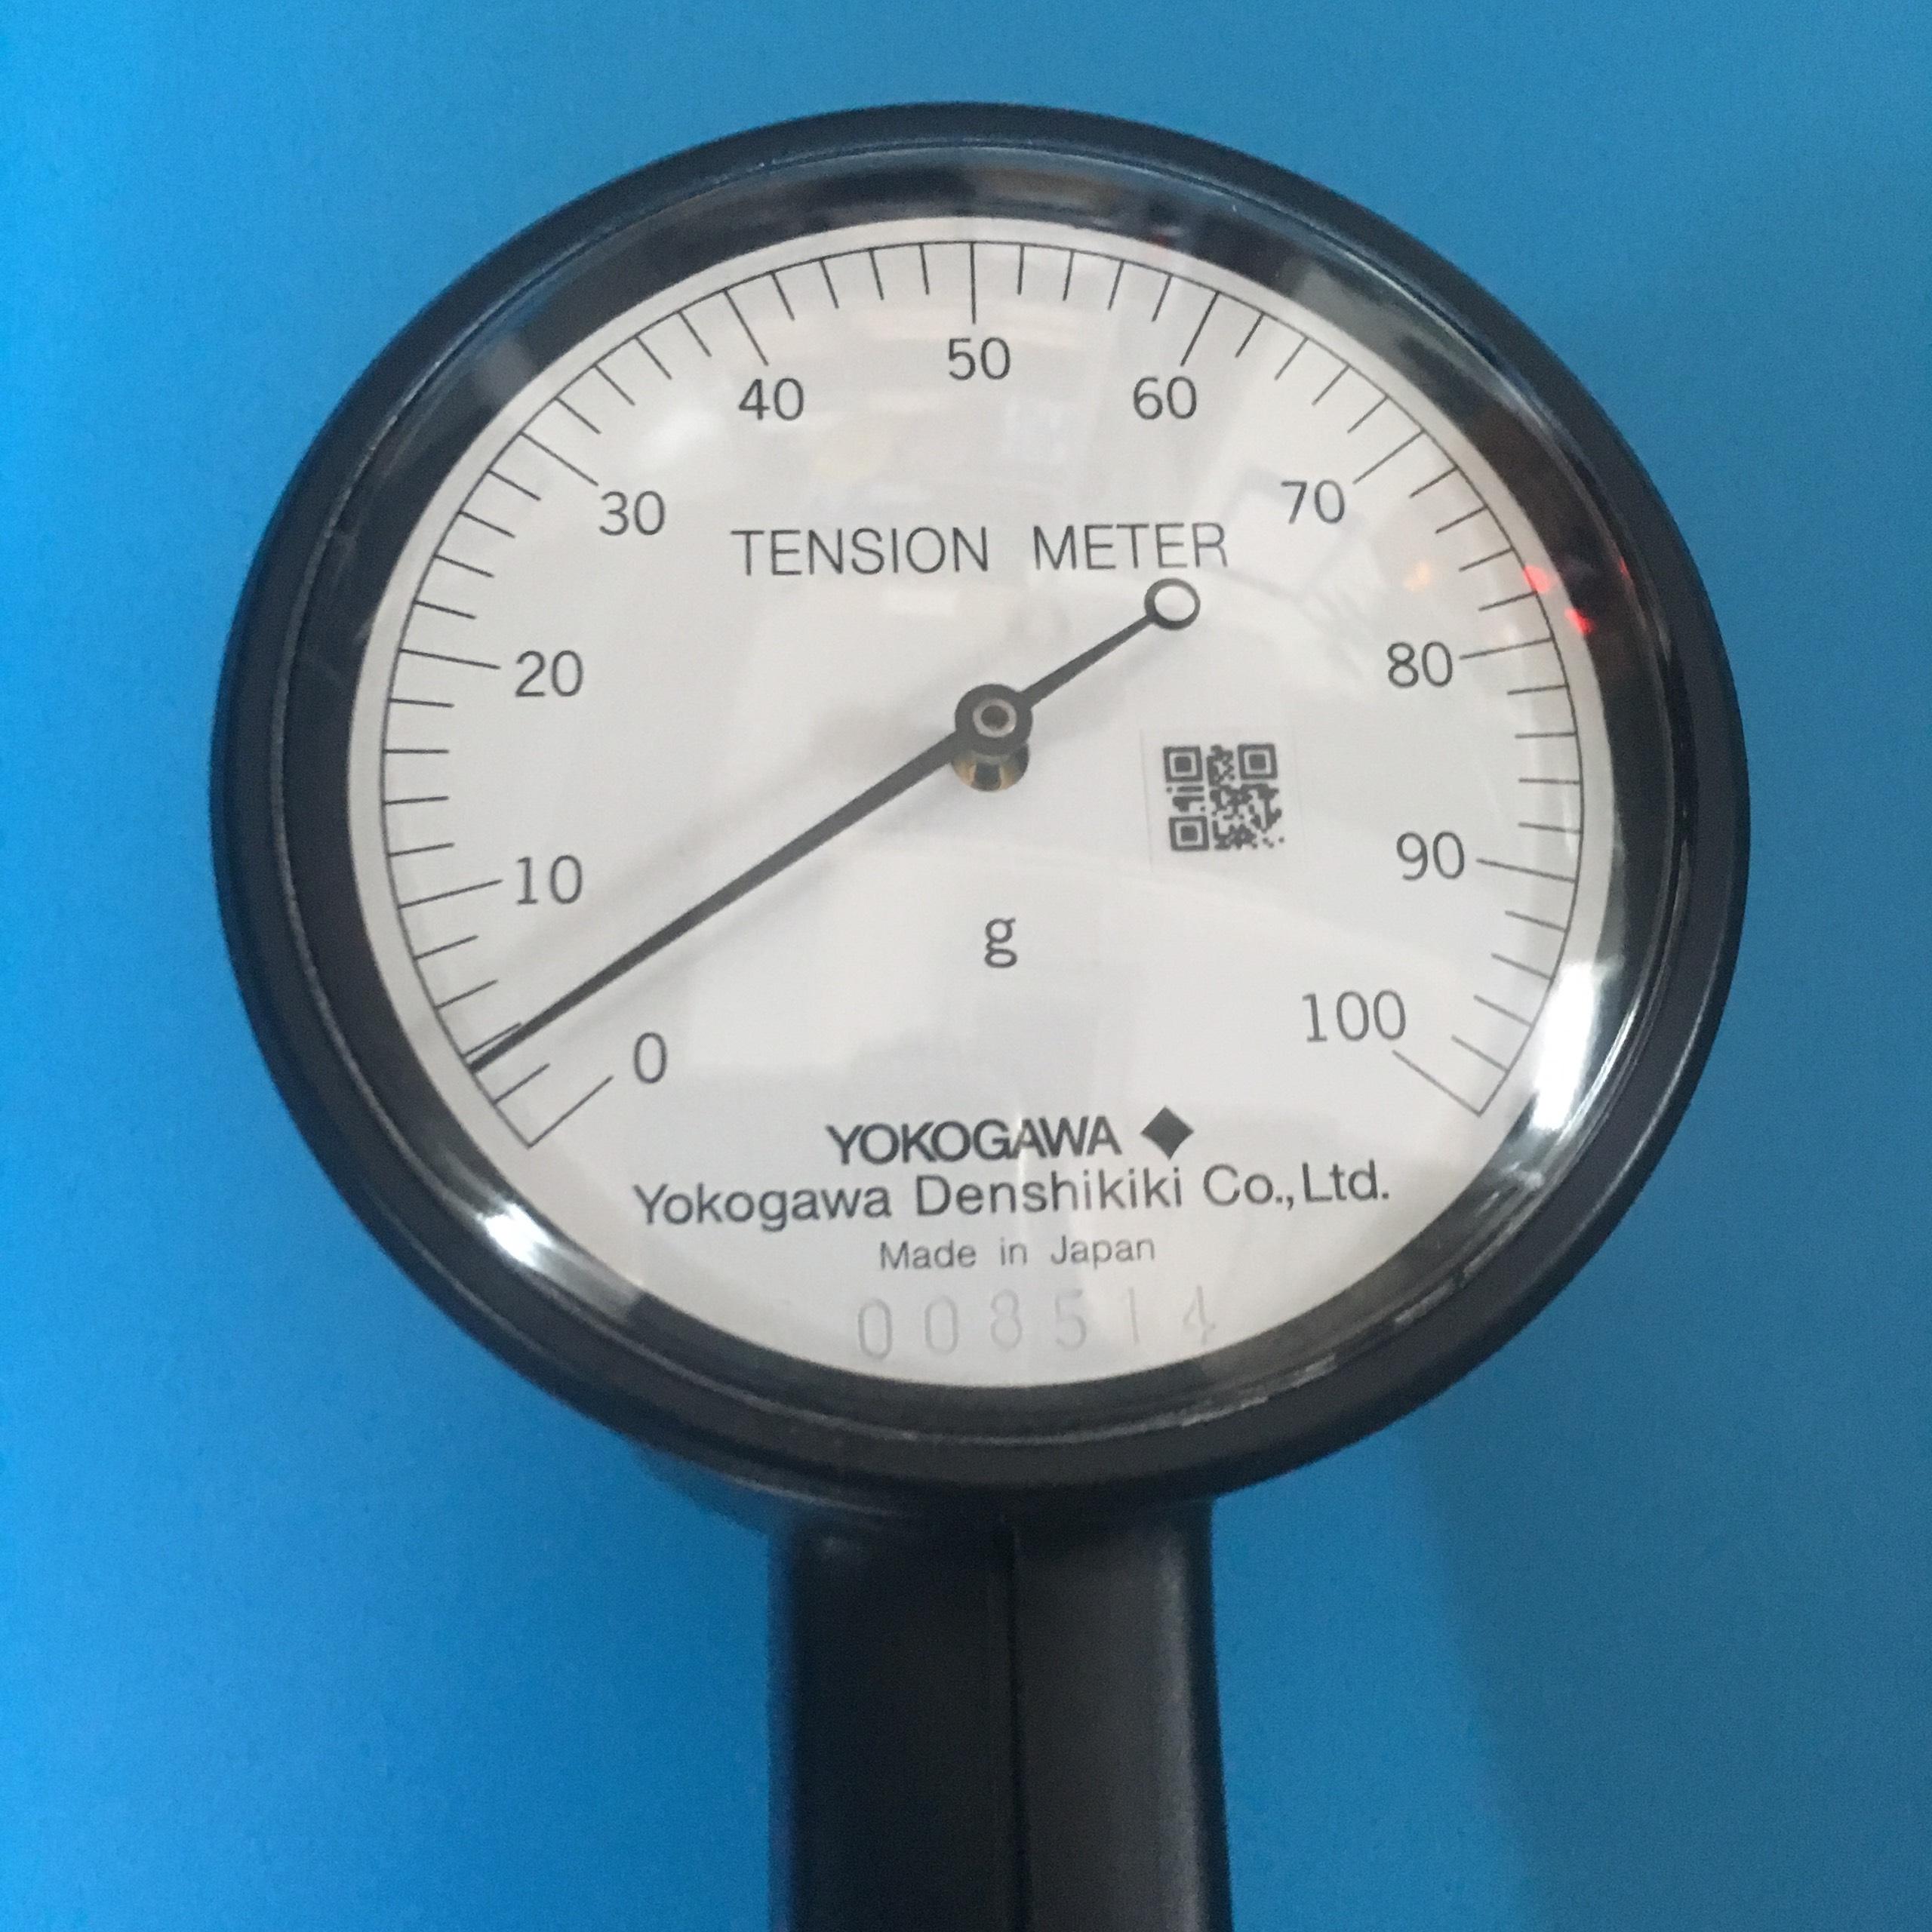 Đồng hồ đo lực căng dải đo 0 - 100g, vạch chia 2g, hiển thị đồng hồ cơ  T-101-10-10 YDK Technologies